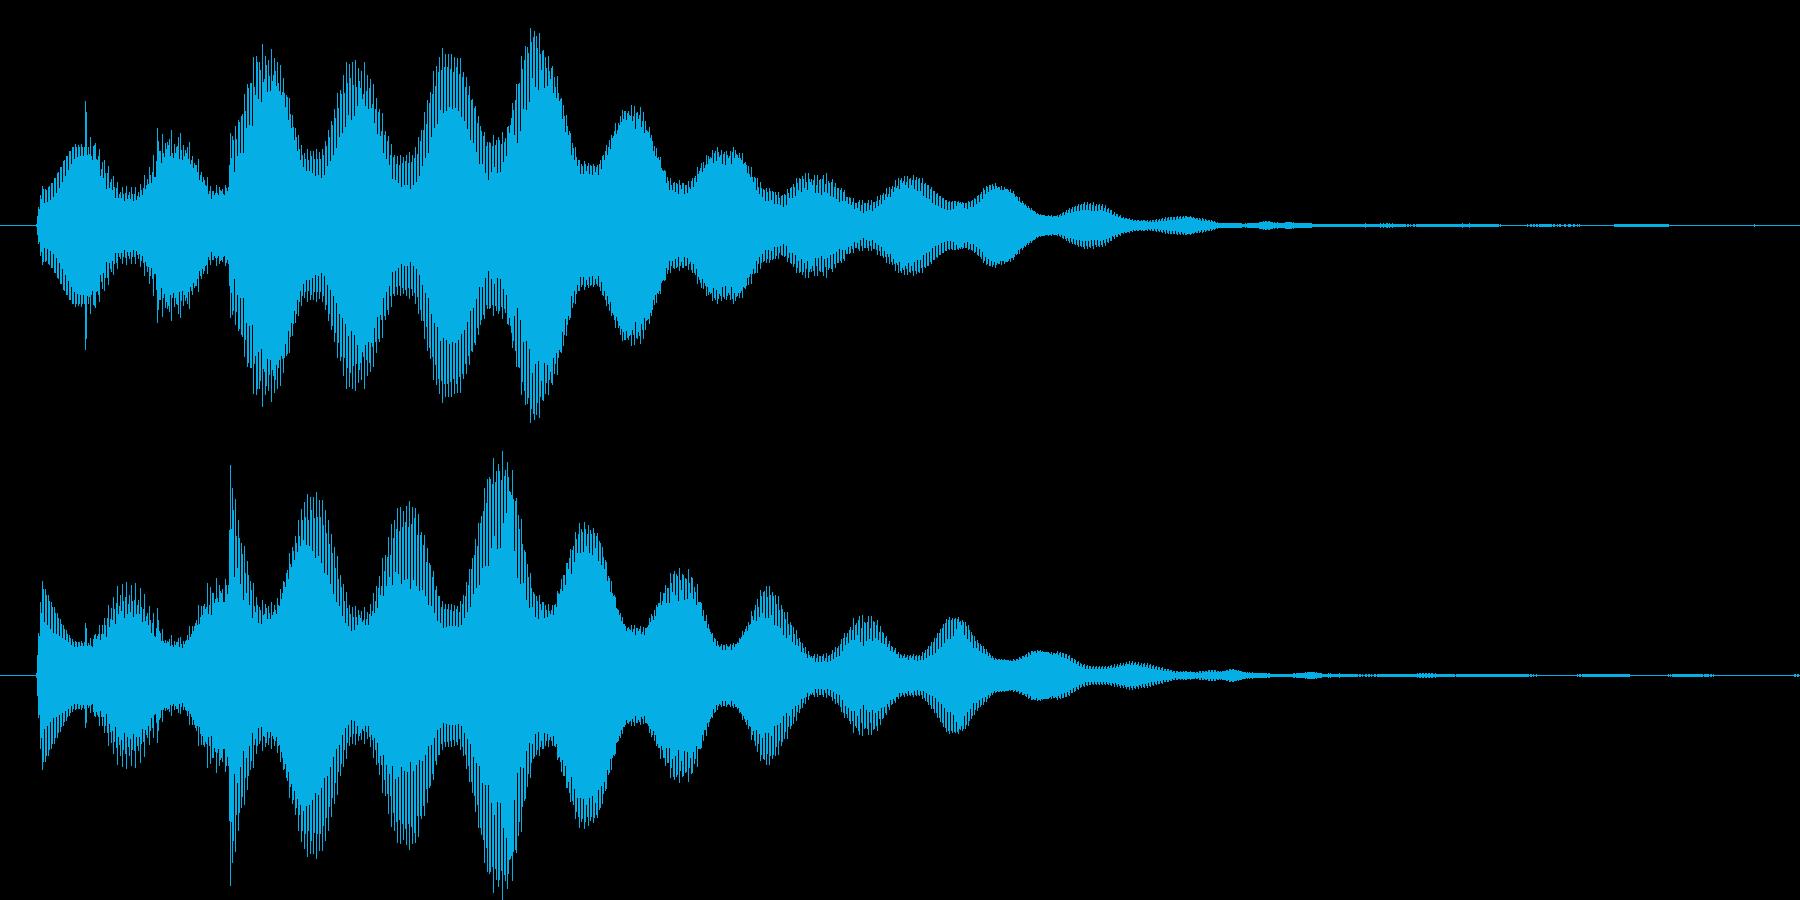 決定ボタンを押した時などの音の再生済みの波形